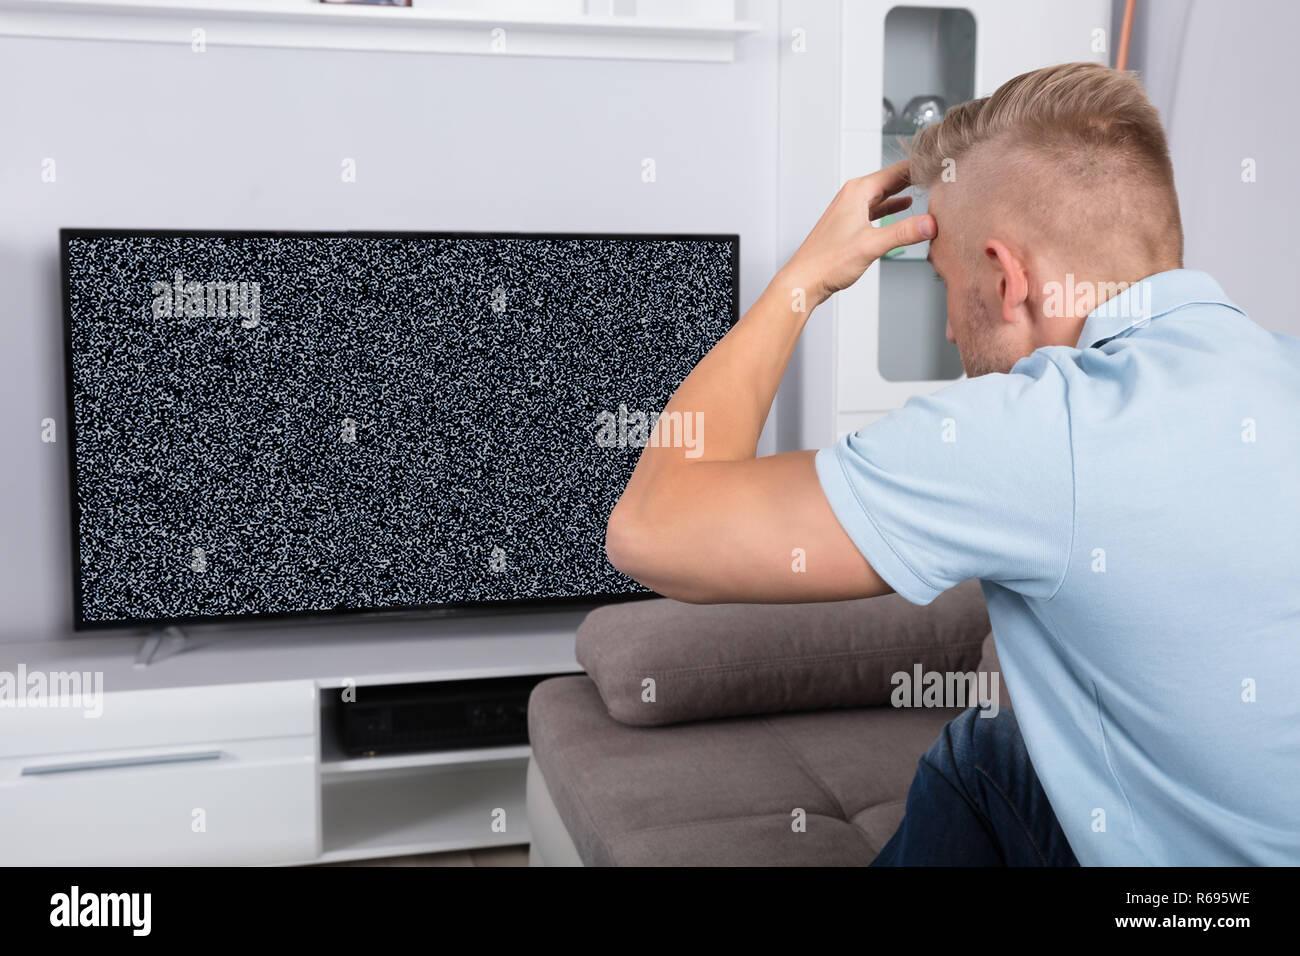 Tv Antenna Broken Stock Photos & Tv Antenna Broken Stock